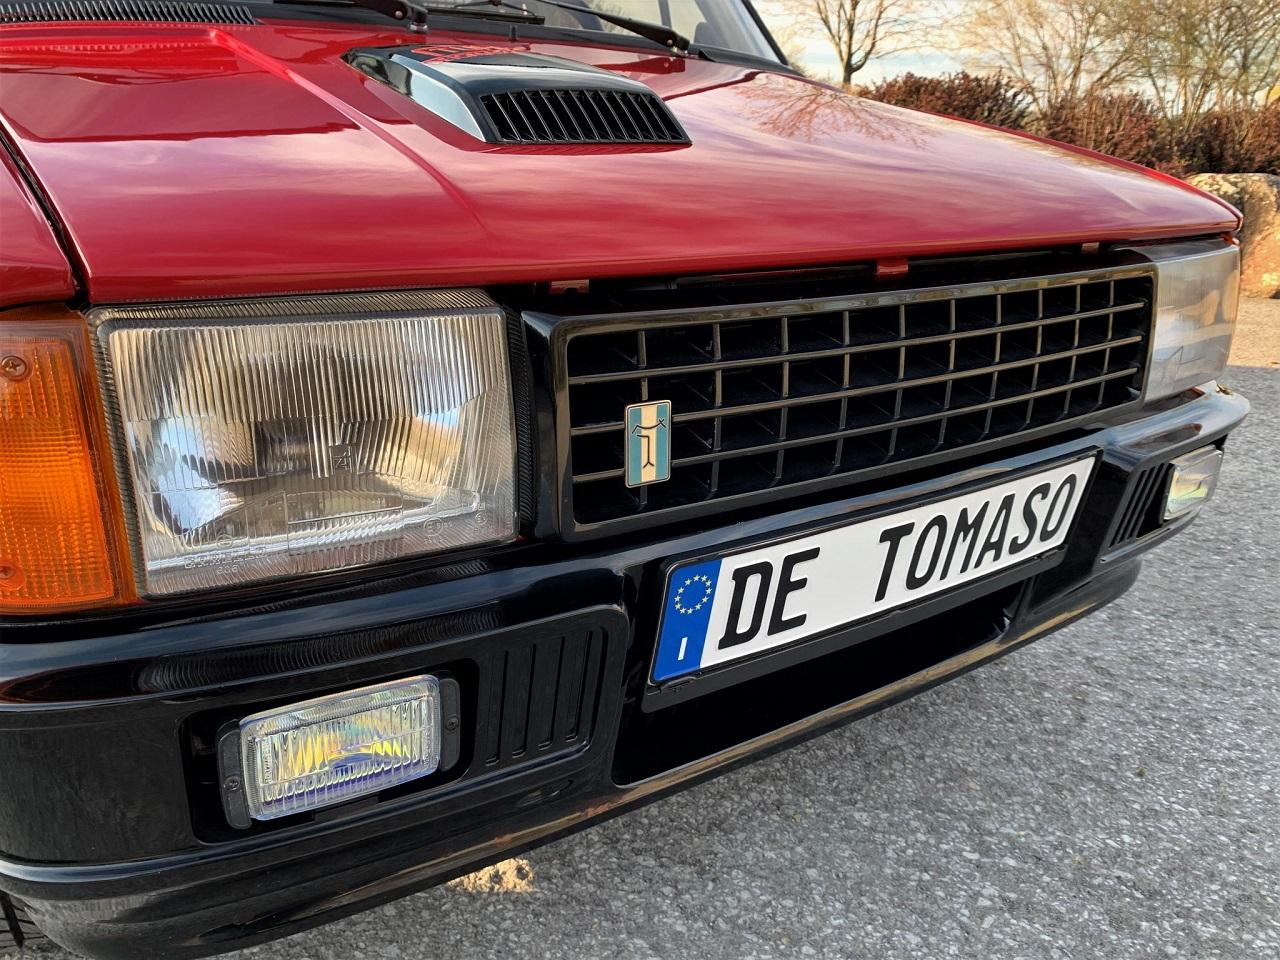 Innocenti Mini De Tomaso - La De Tomaso du pauvre ! 20